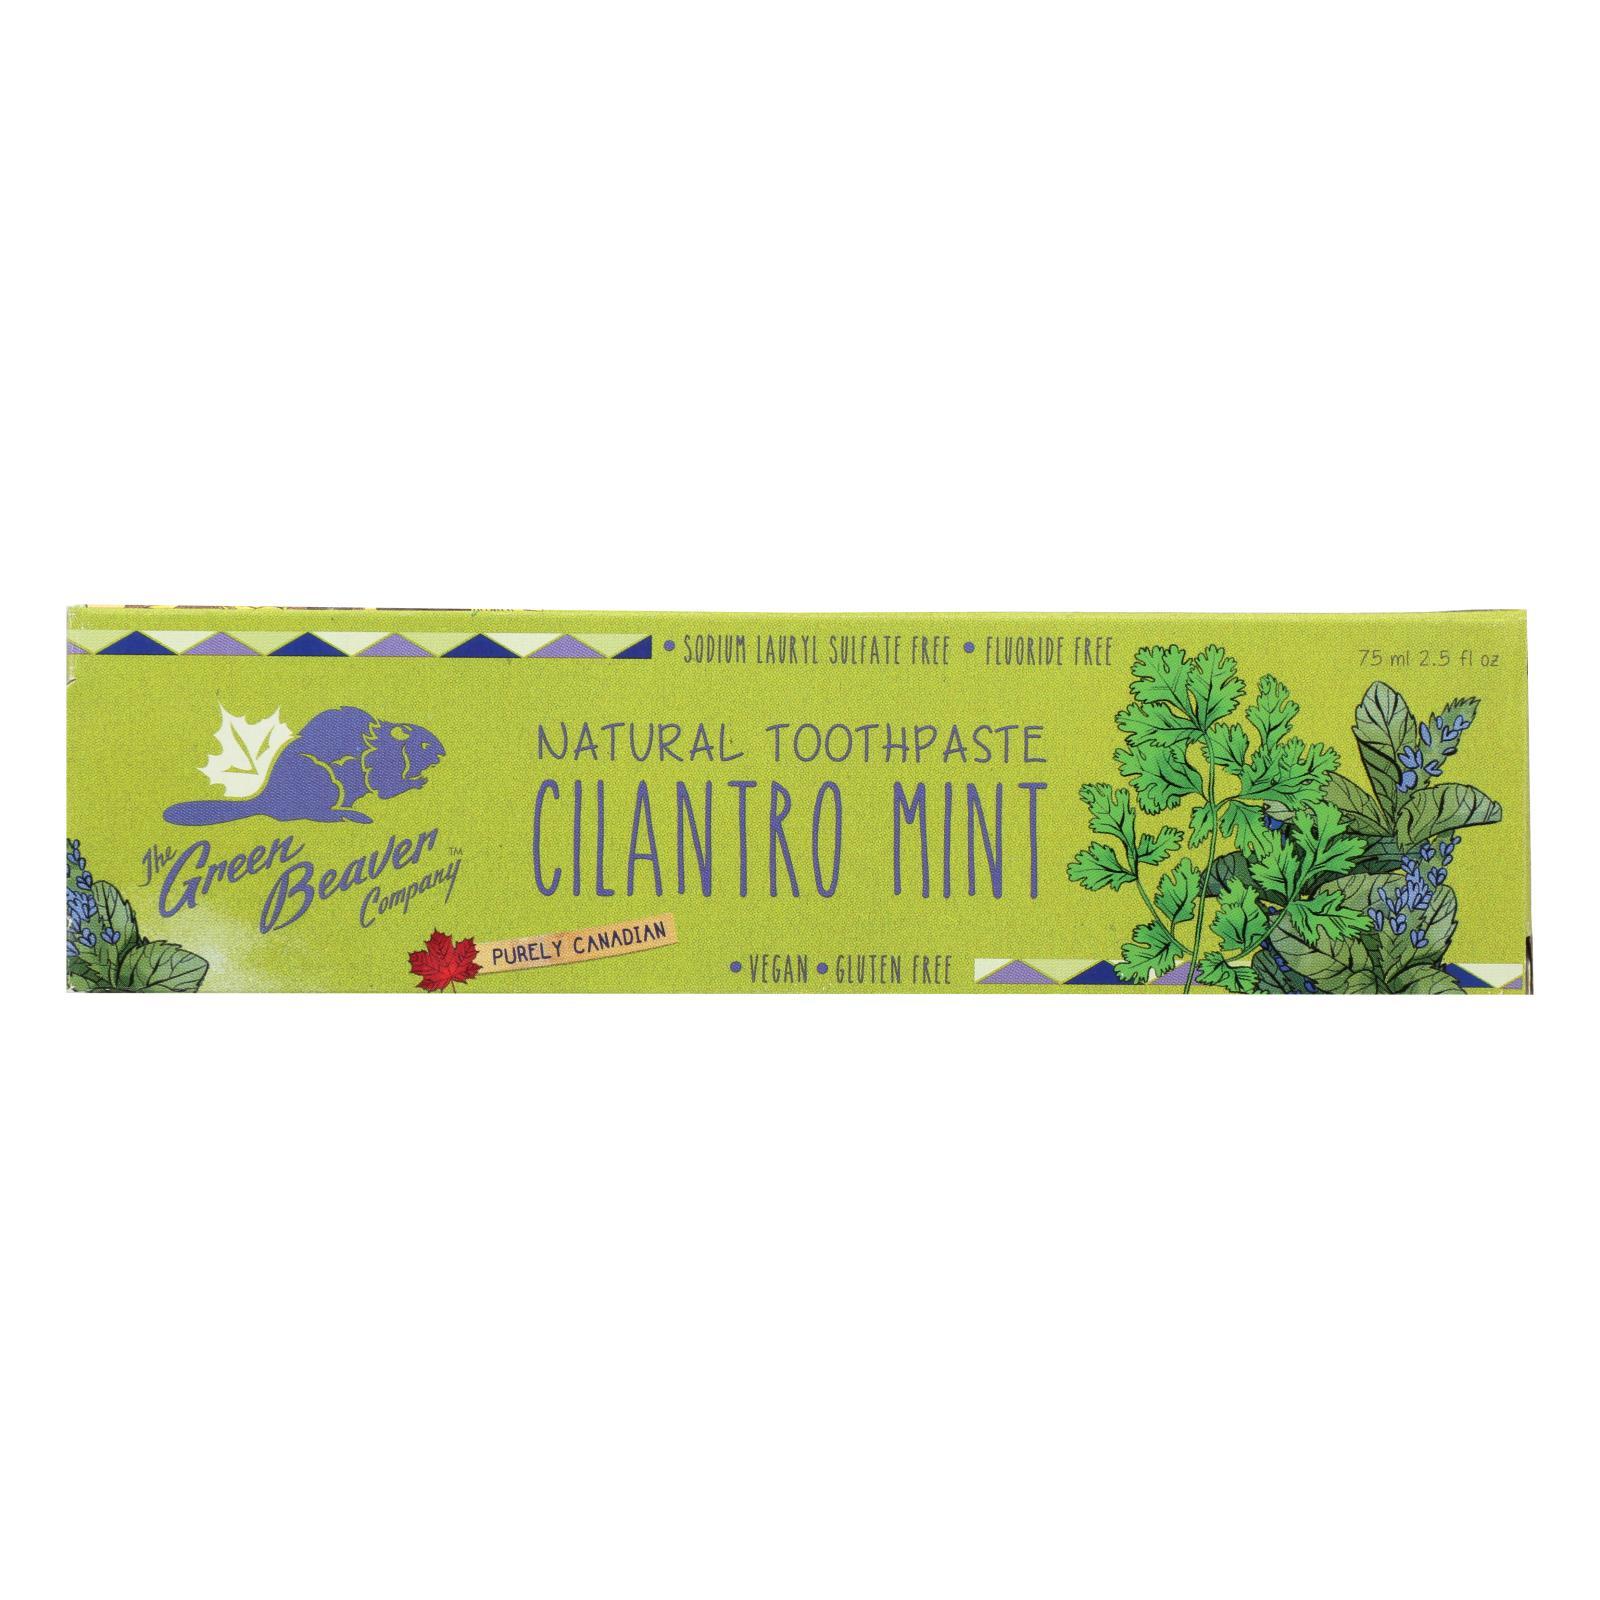 Green BeaverThe Toothpaste - Cilantro Mint Toothpaste - Case of 1 - 2.5 fl oz.